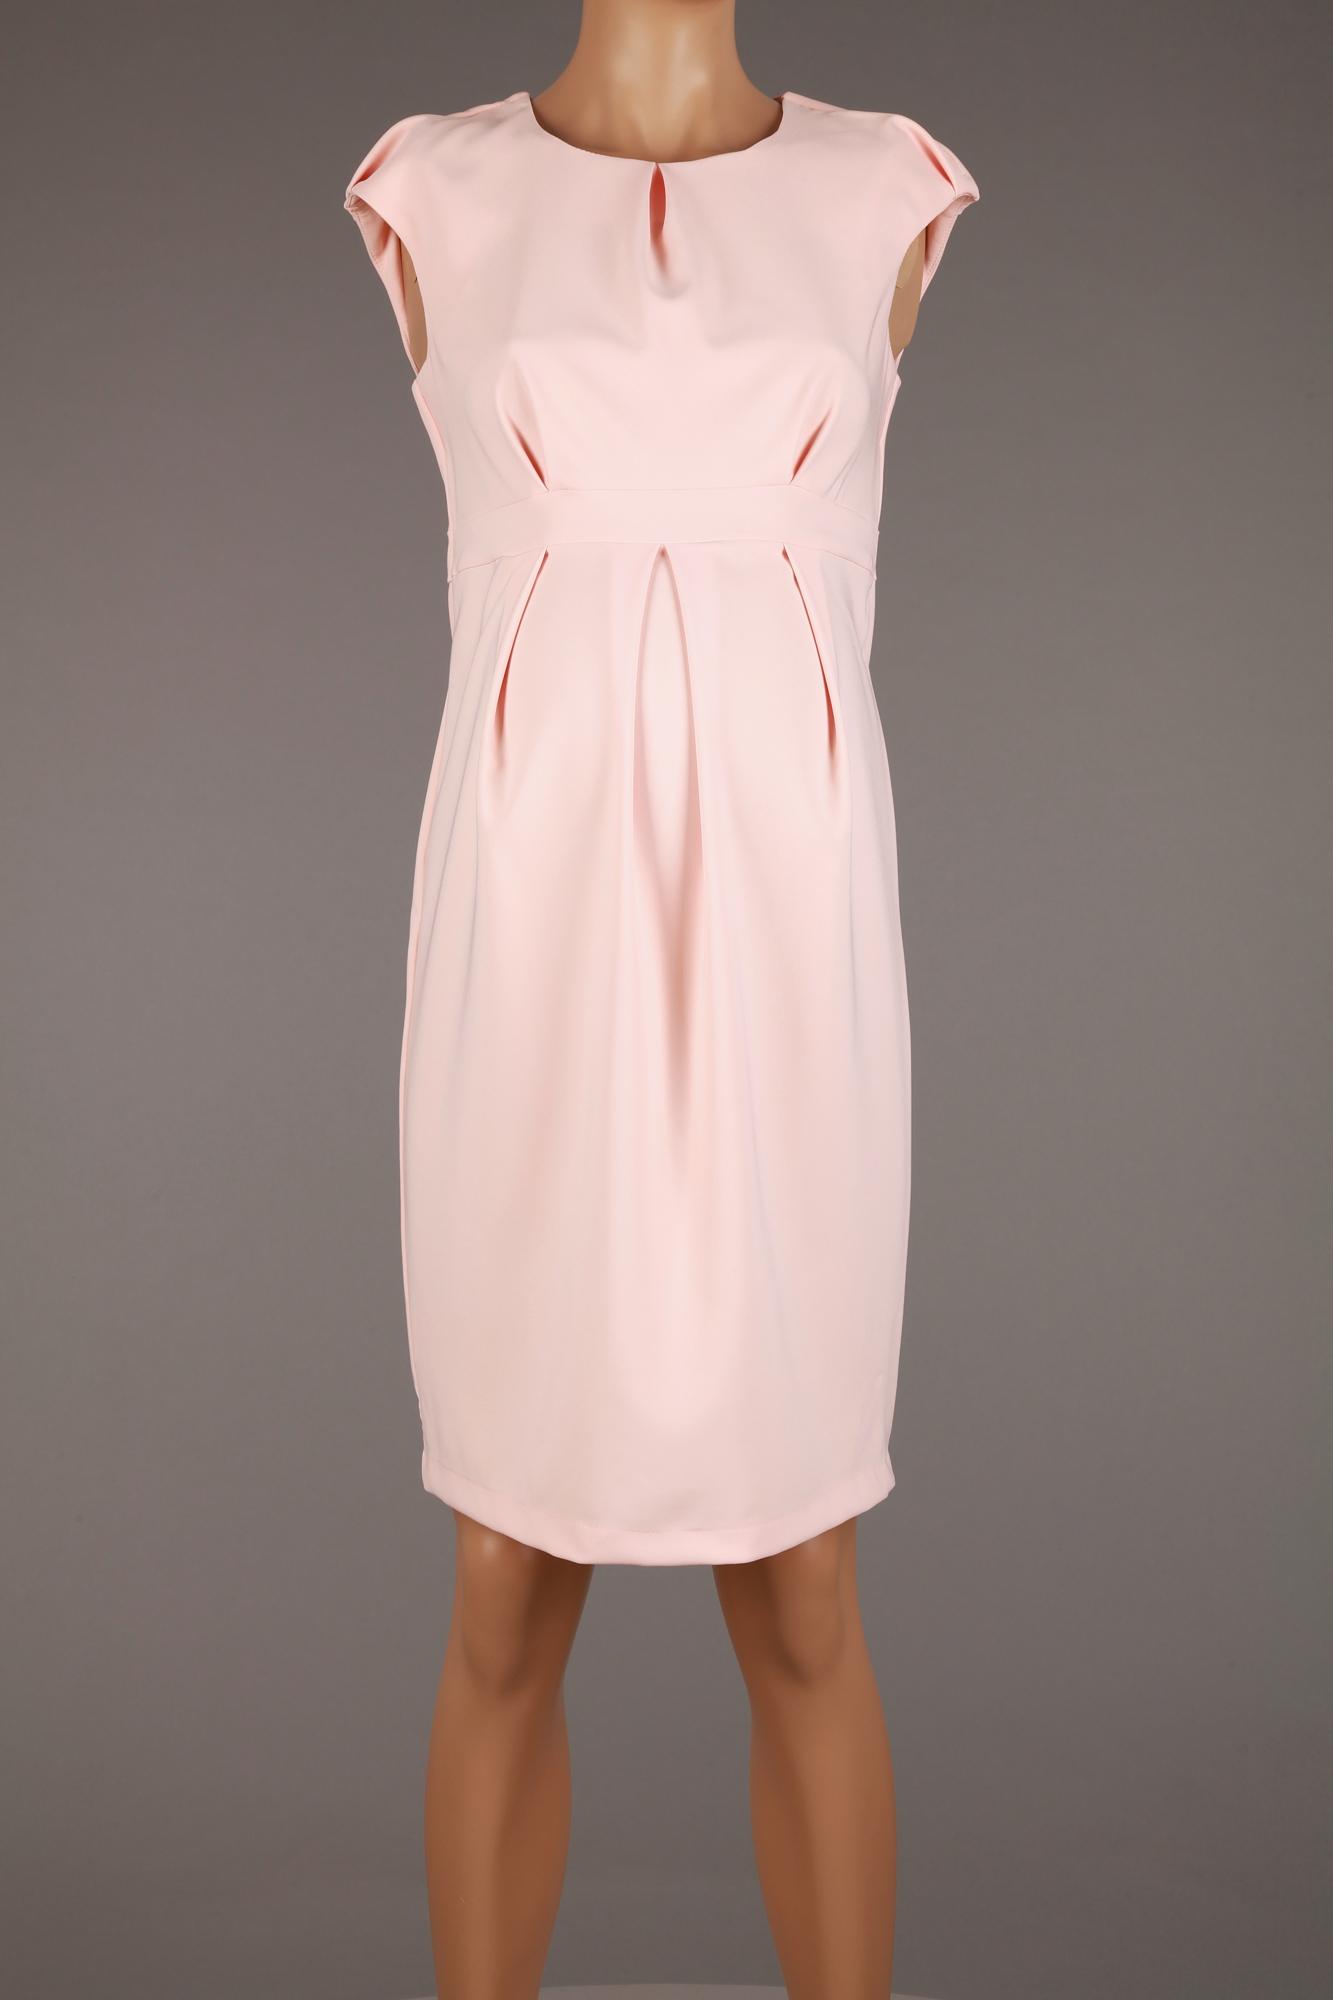 4418 BRANCO sukienka CIĄŻOWA pudrowy róż 42/XL